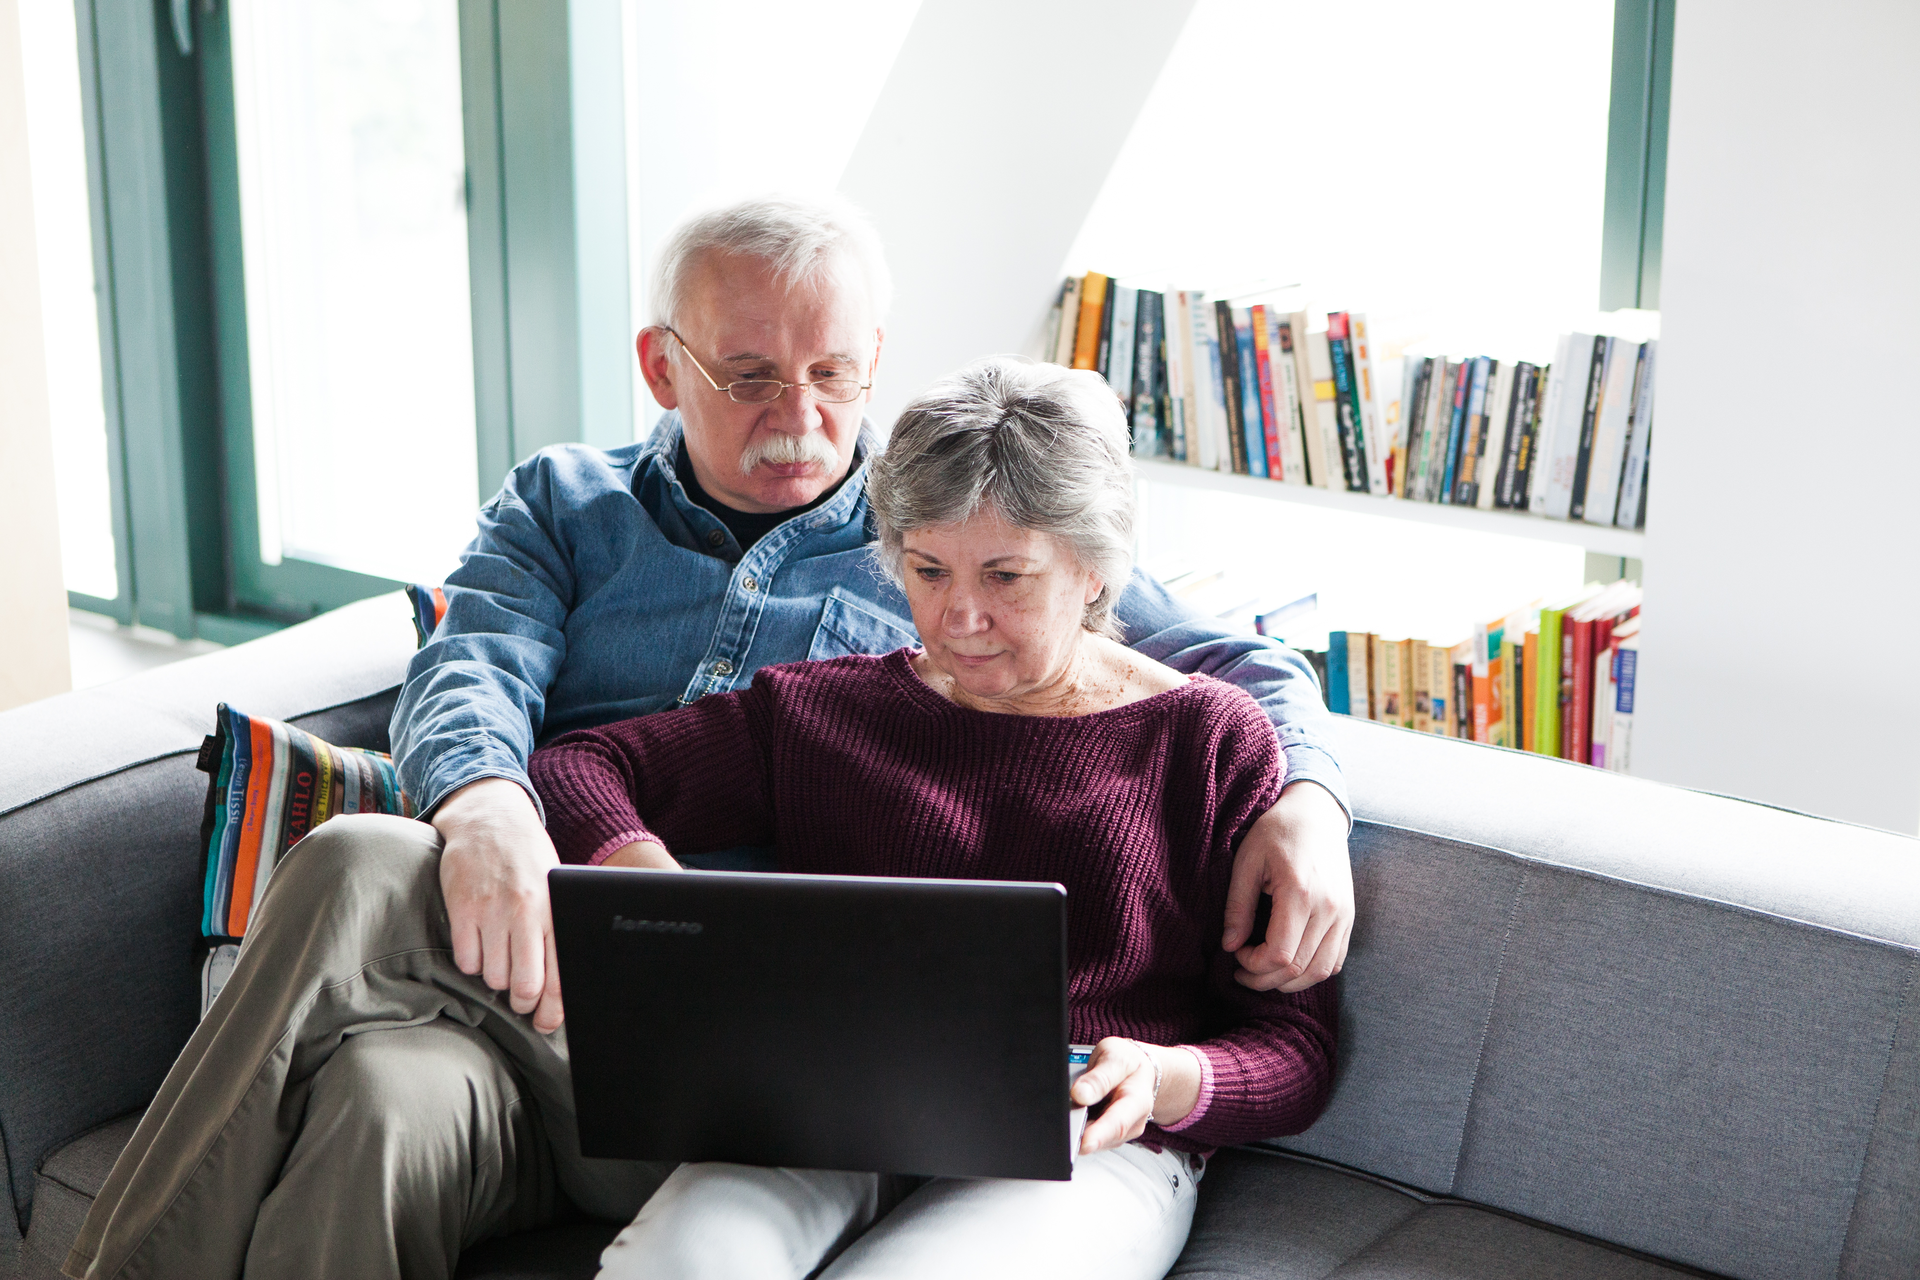 Fotografia przedstawia parę ludzi wwieku około 65 lat, siedzących razem na kanapie przy komputerze. Za nimi półki zksiążkami. Okres starości pozwala oddać się swoim zainteresowaniom.